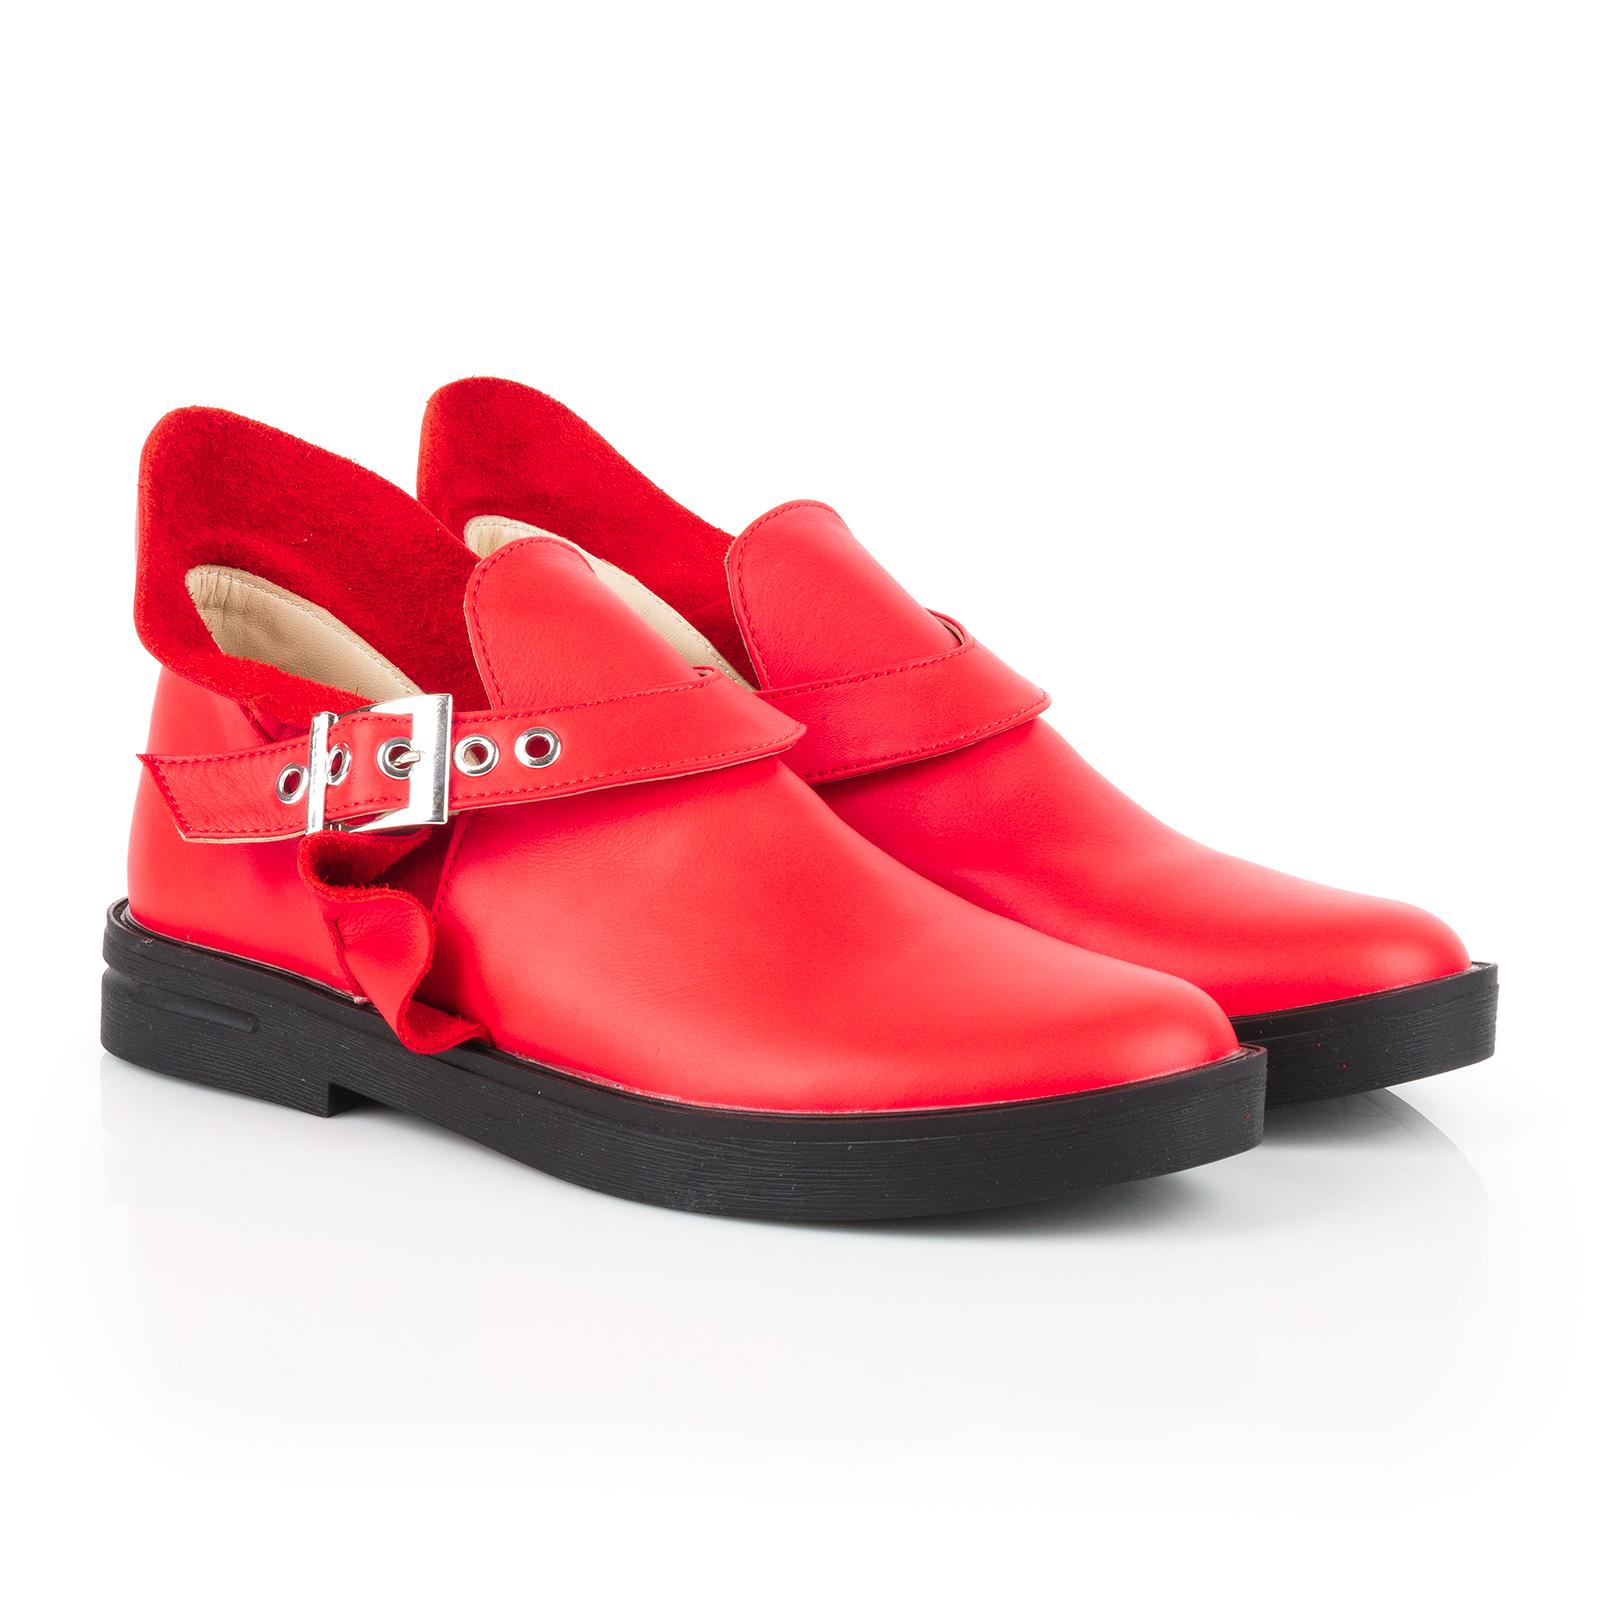 Полуботинки женские Ботинки Мерлин кожаные красного цвета 100102 цена, 2017